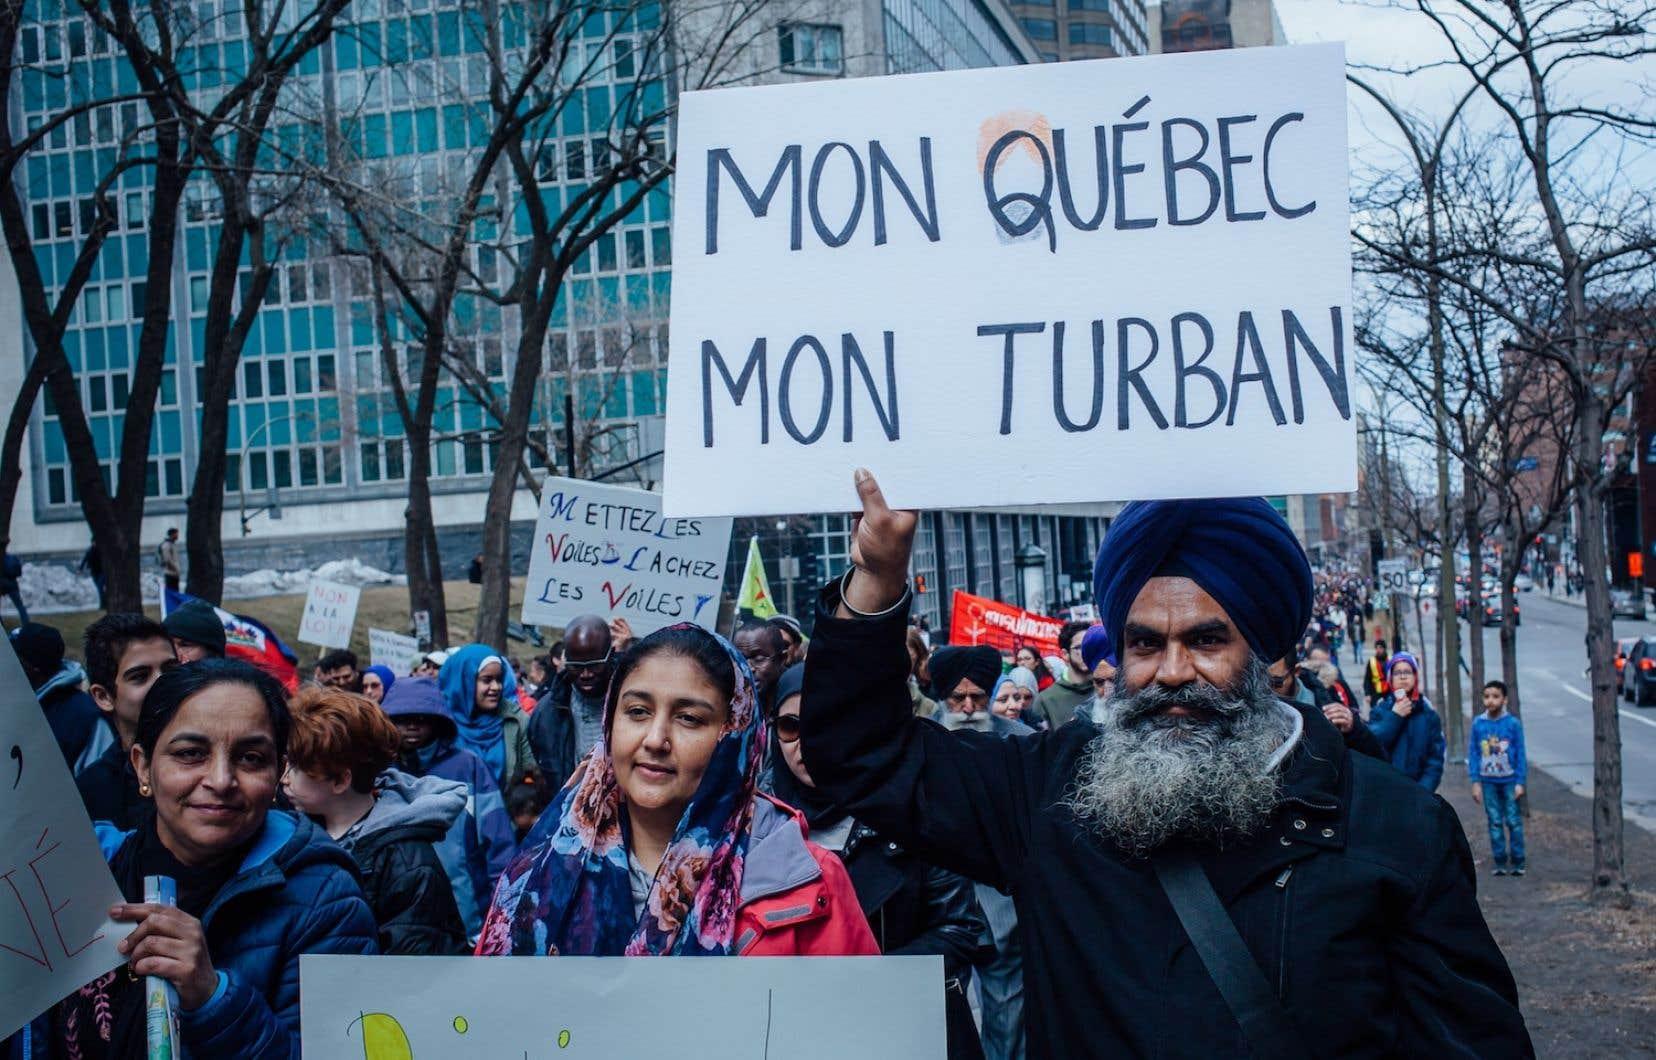 La marche, organisée par le Collectif canadien anti-islamophobie, aurait réuni quelques milliers de personnes.